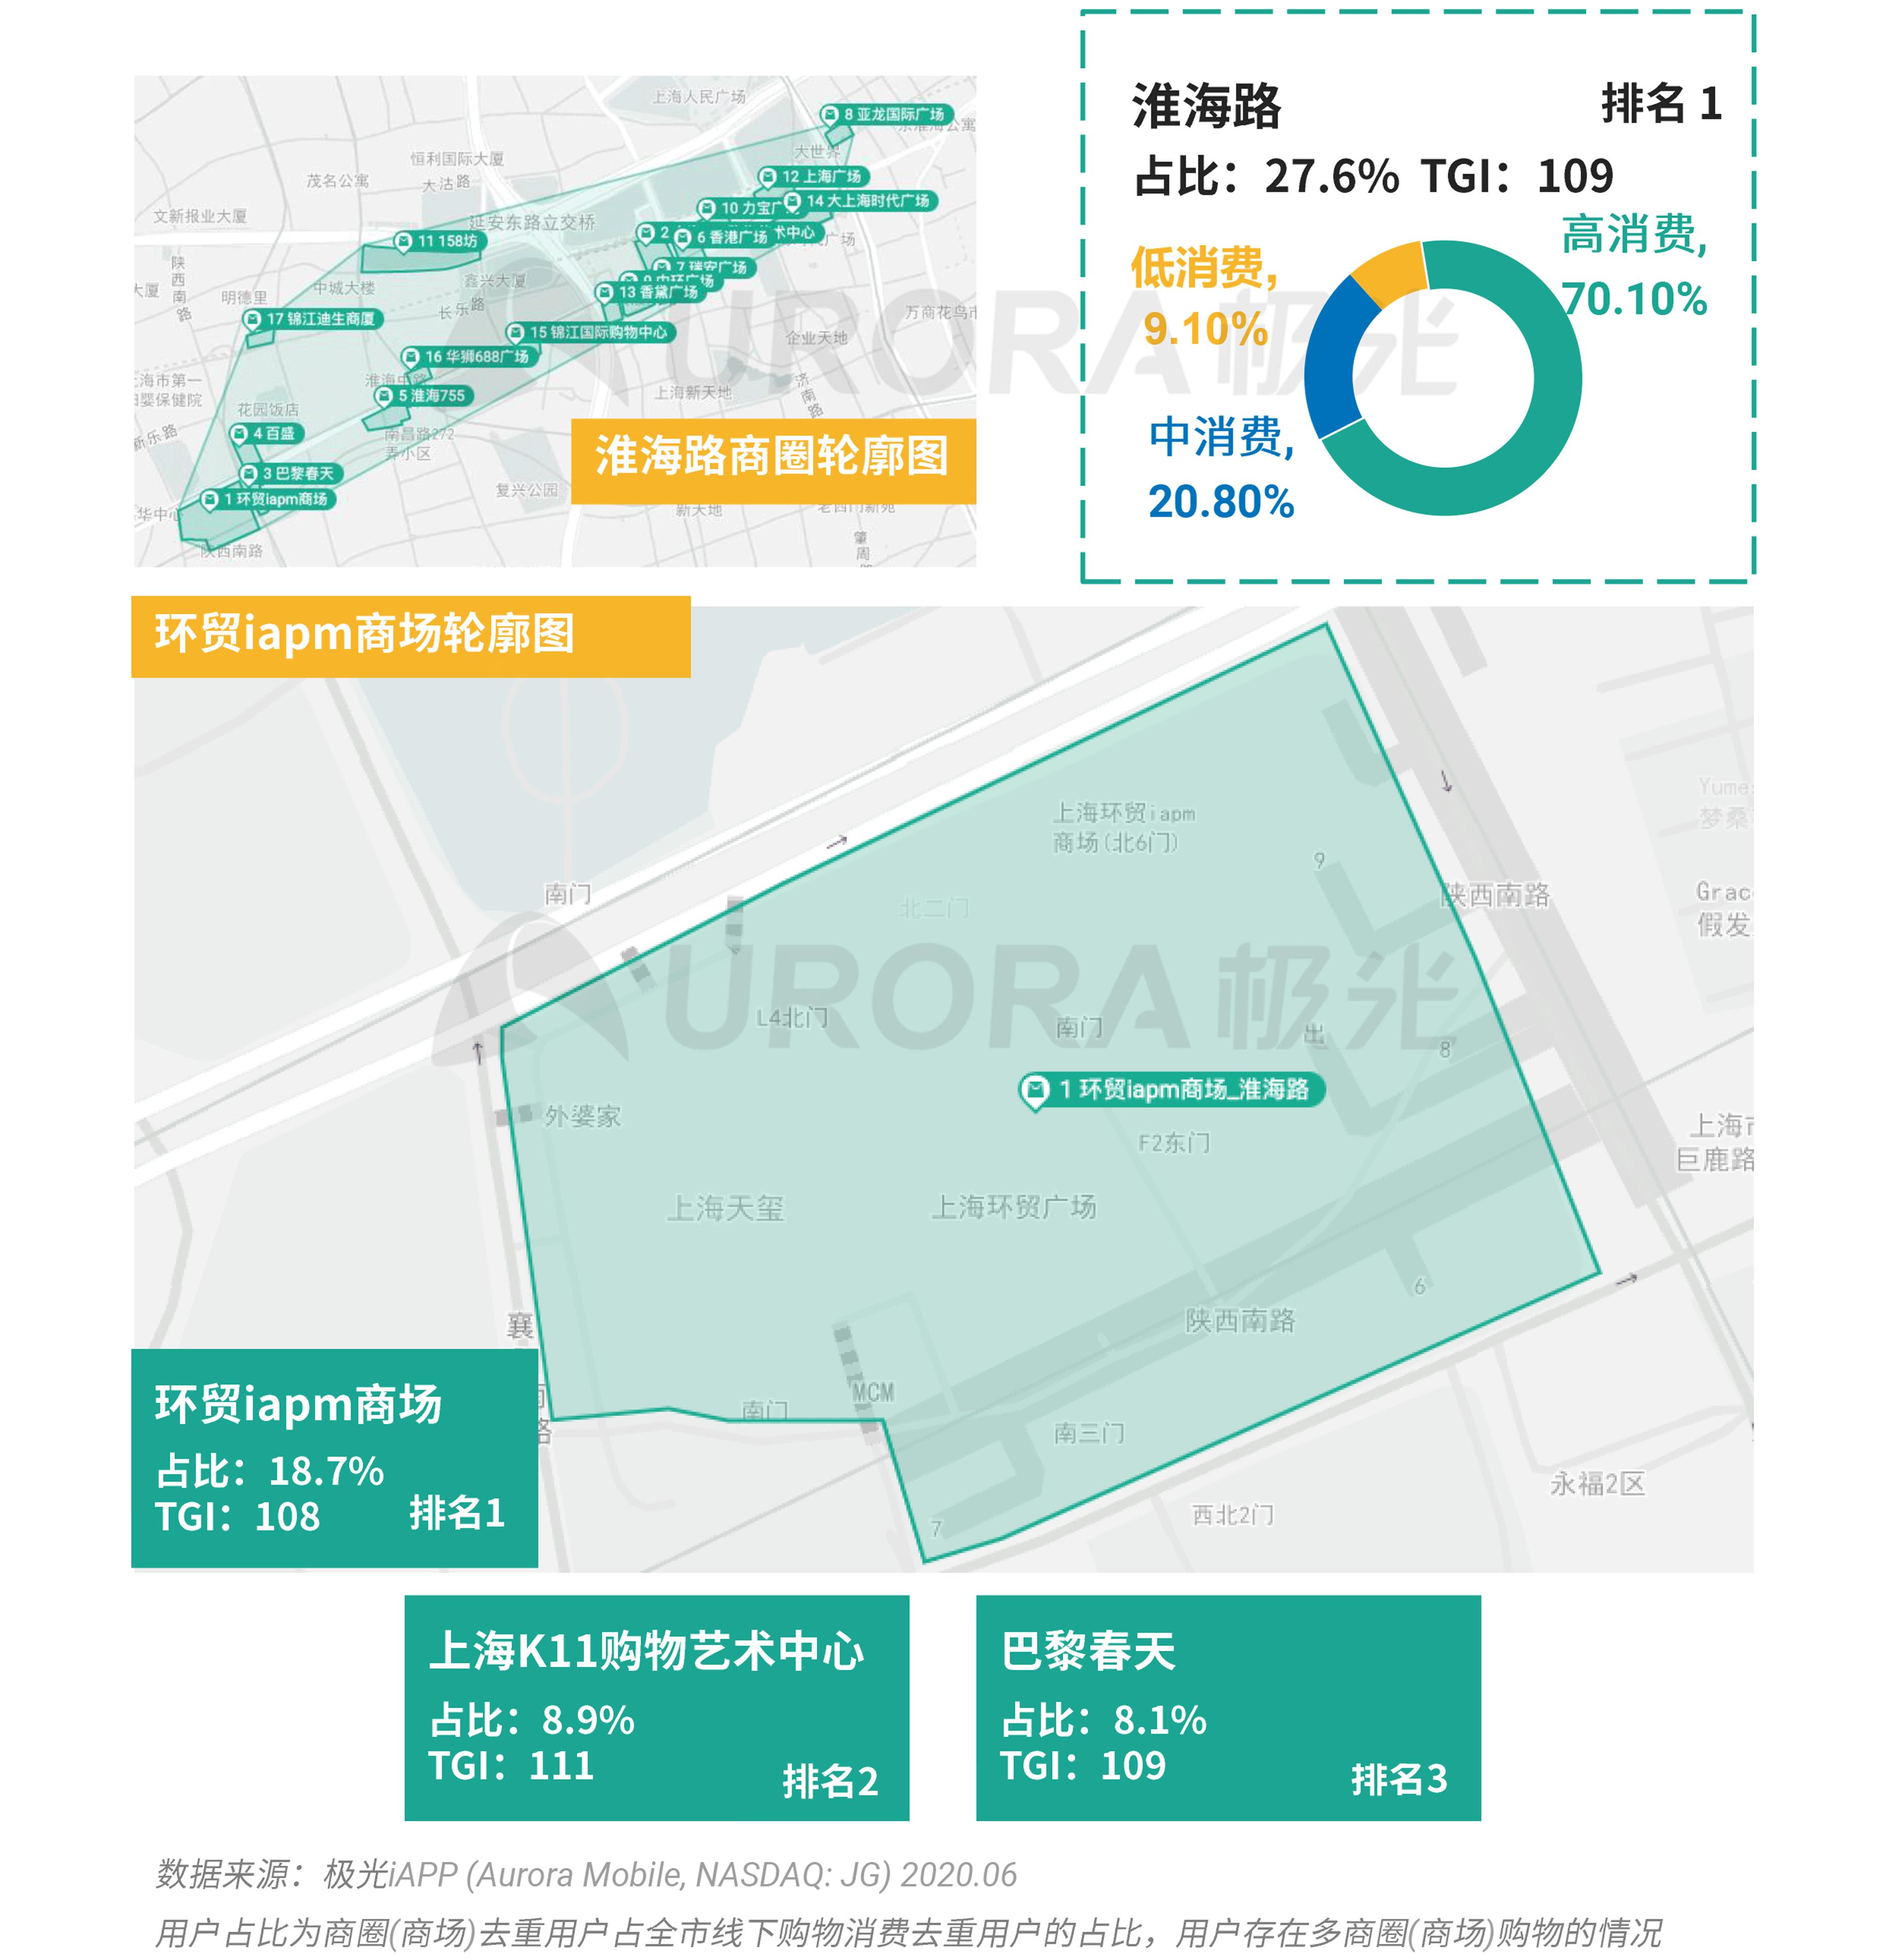 极光:拼多多数据全面解析 (22).png